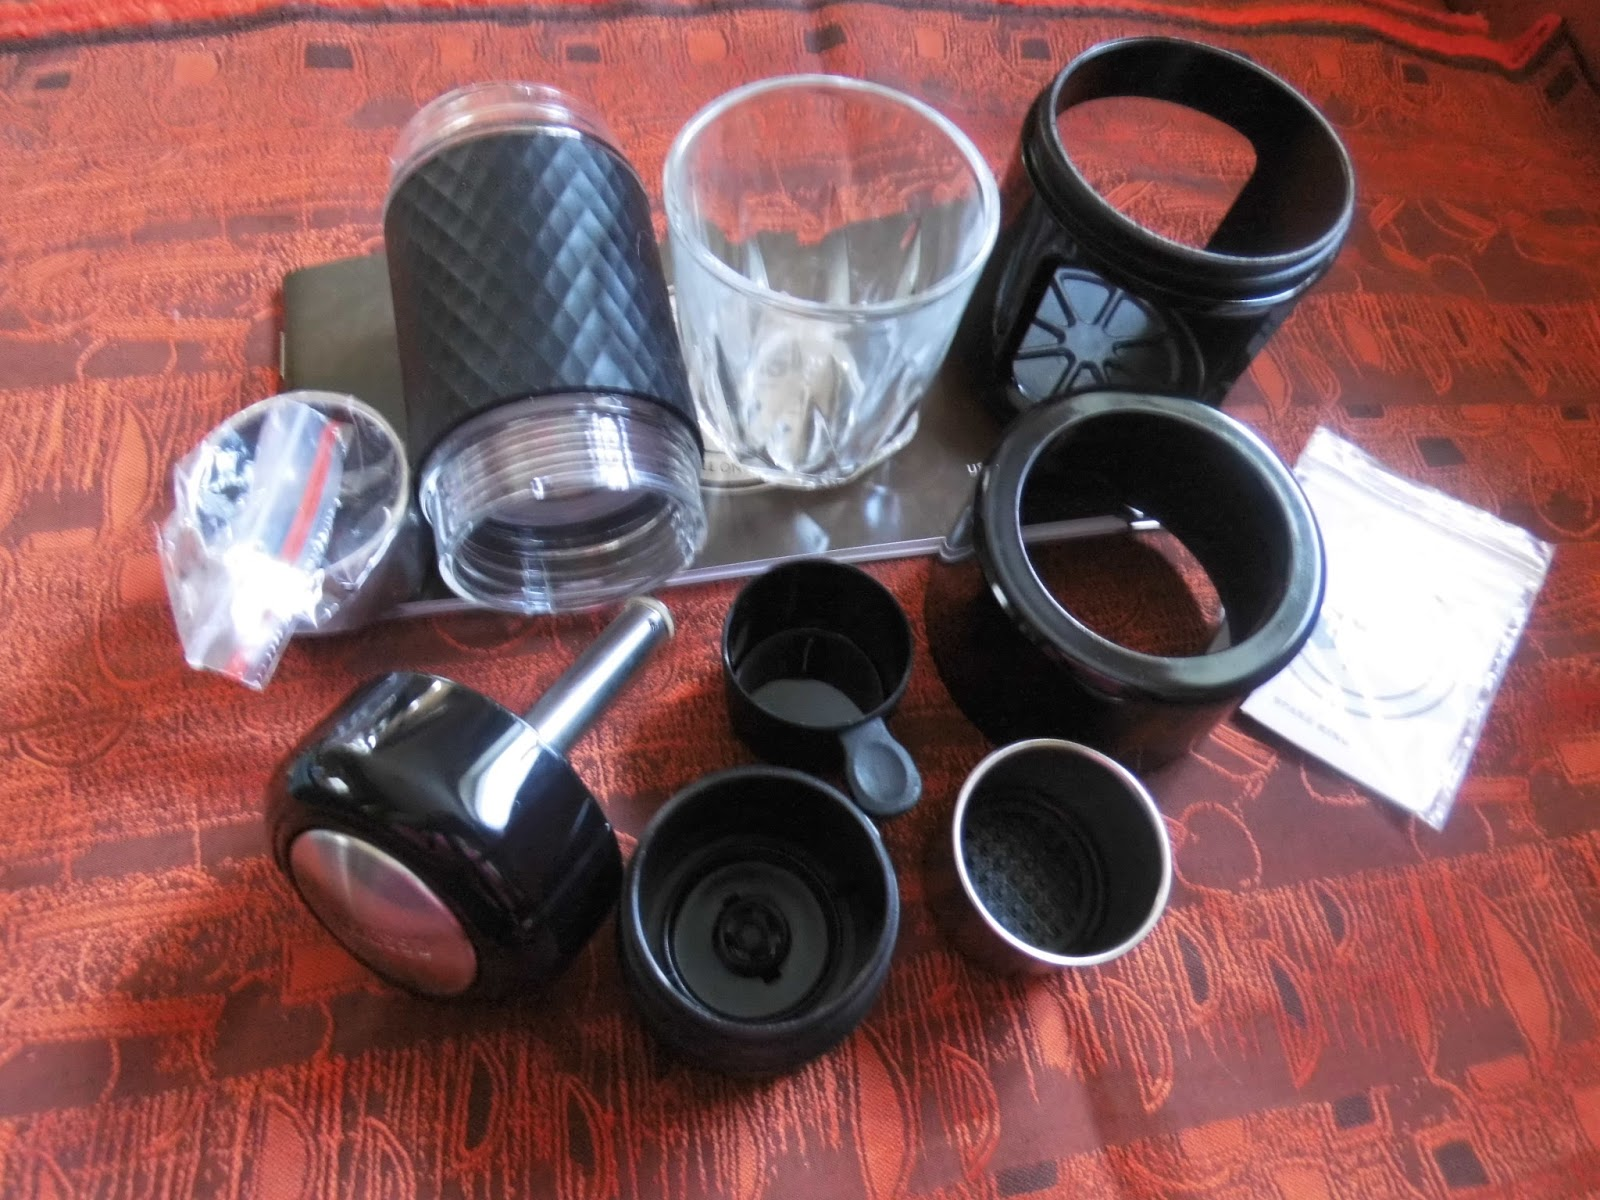 sunshine 39 s kleine welt espresso ohne strom zubereiten geht das. Black Bedroom Furniture Sets. Home Design Ideas